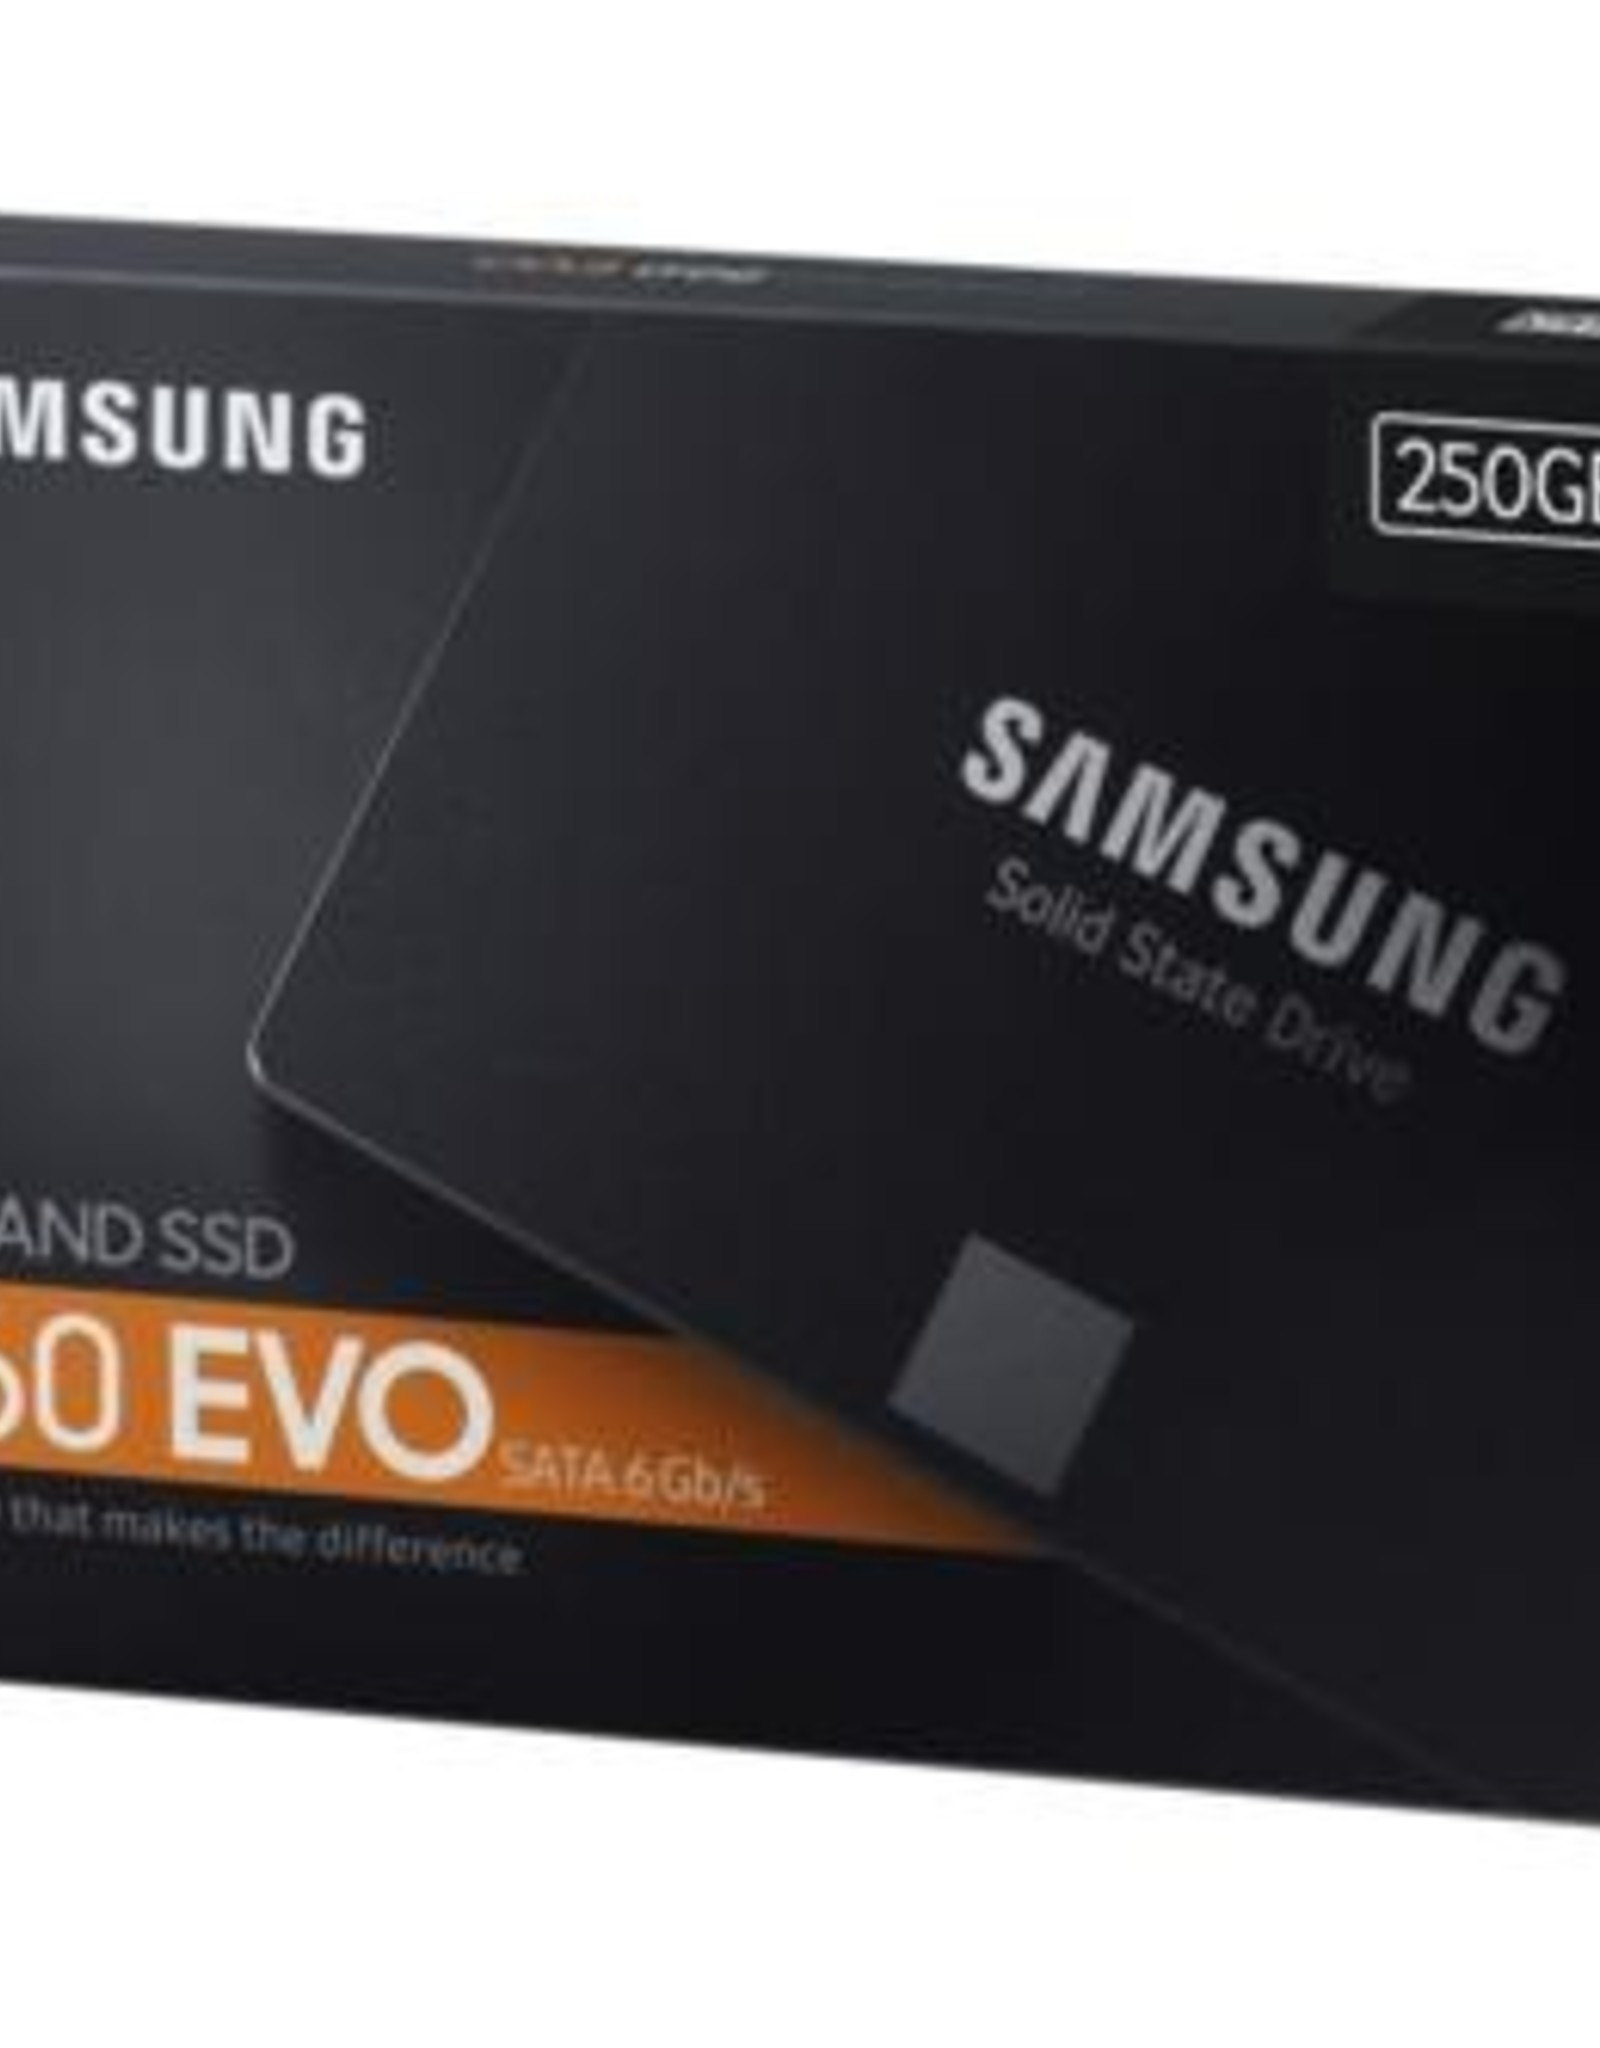 SSD  860 EVO series 250GB( 550MB/s Read 520MB/s )